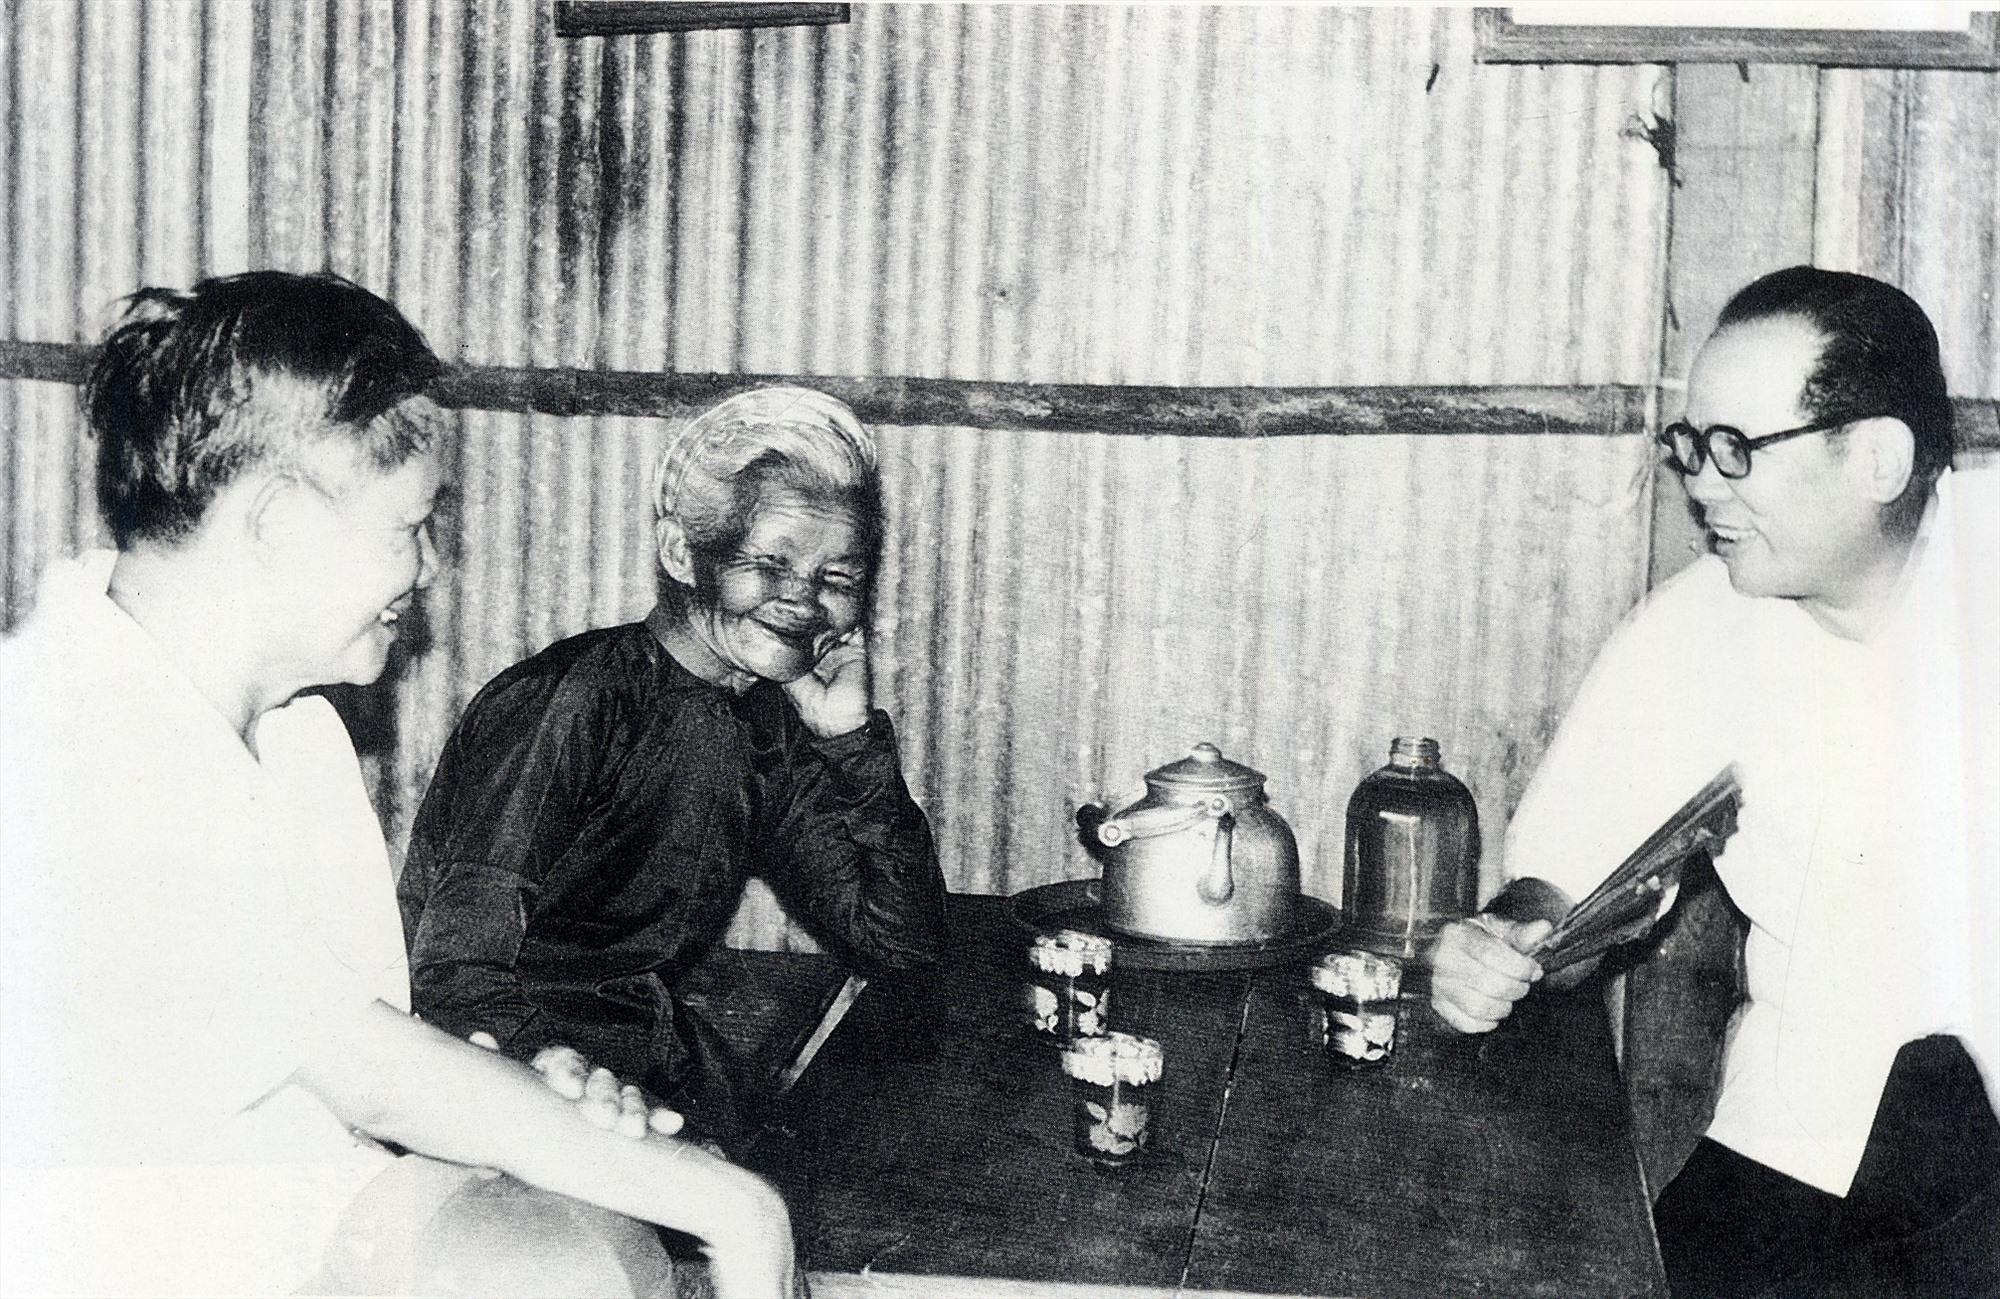 Các đồng chí nguyên lãnh đạo Đặc khu ủy Quảng Đà thăm Mẹ VNAH Phạm Thị Cộng - nơi che chở những hạt giống cách mạng.